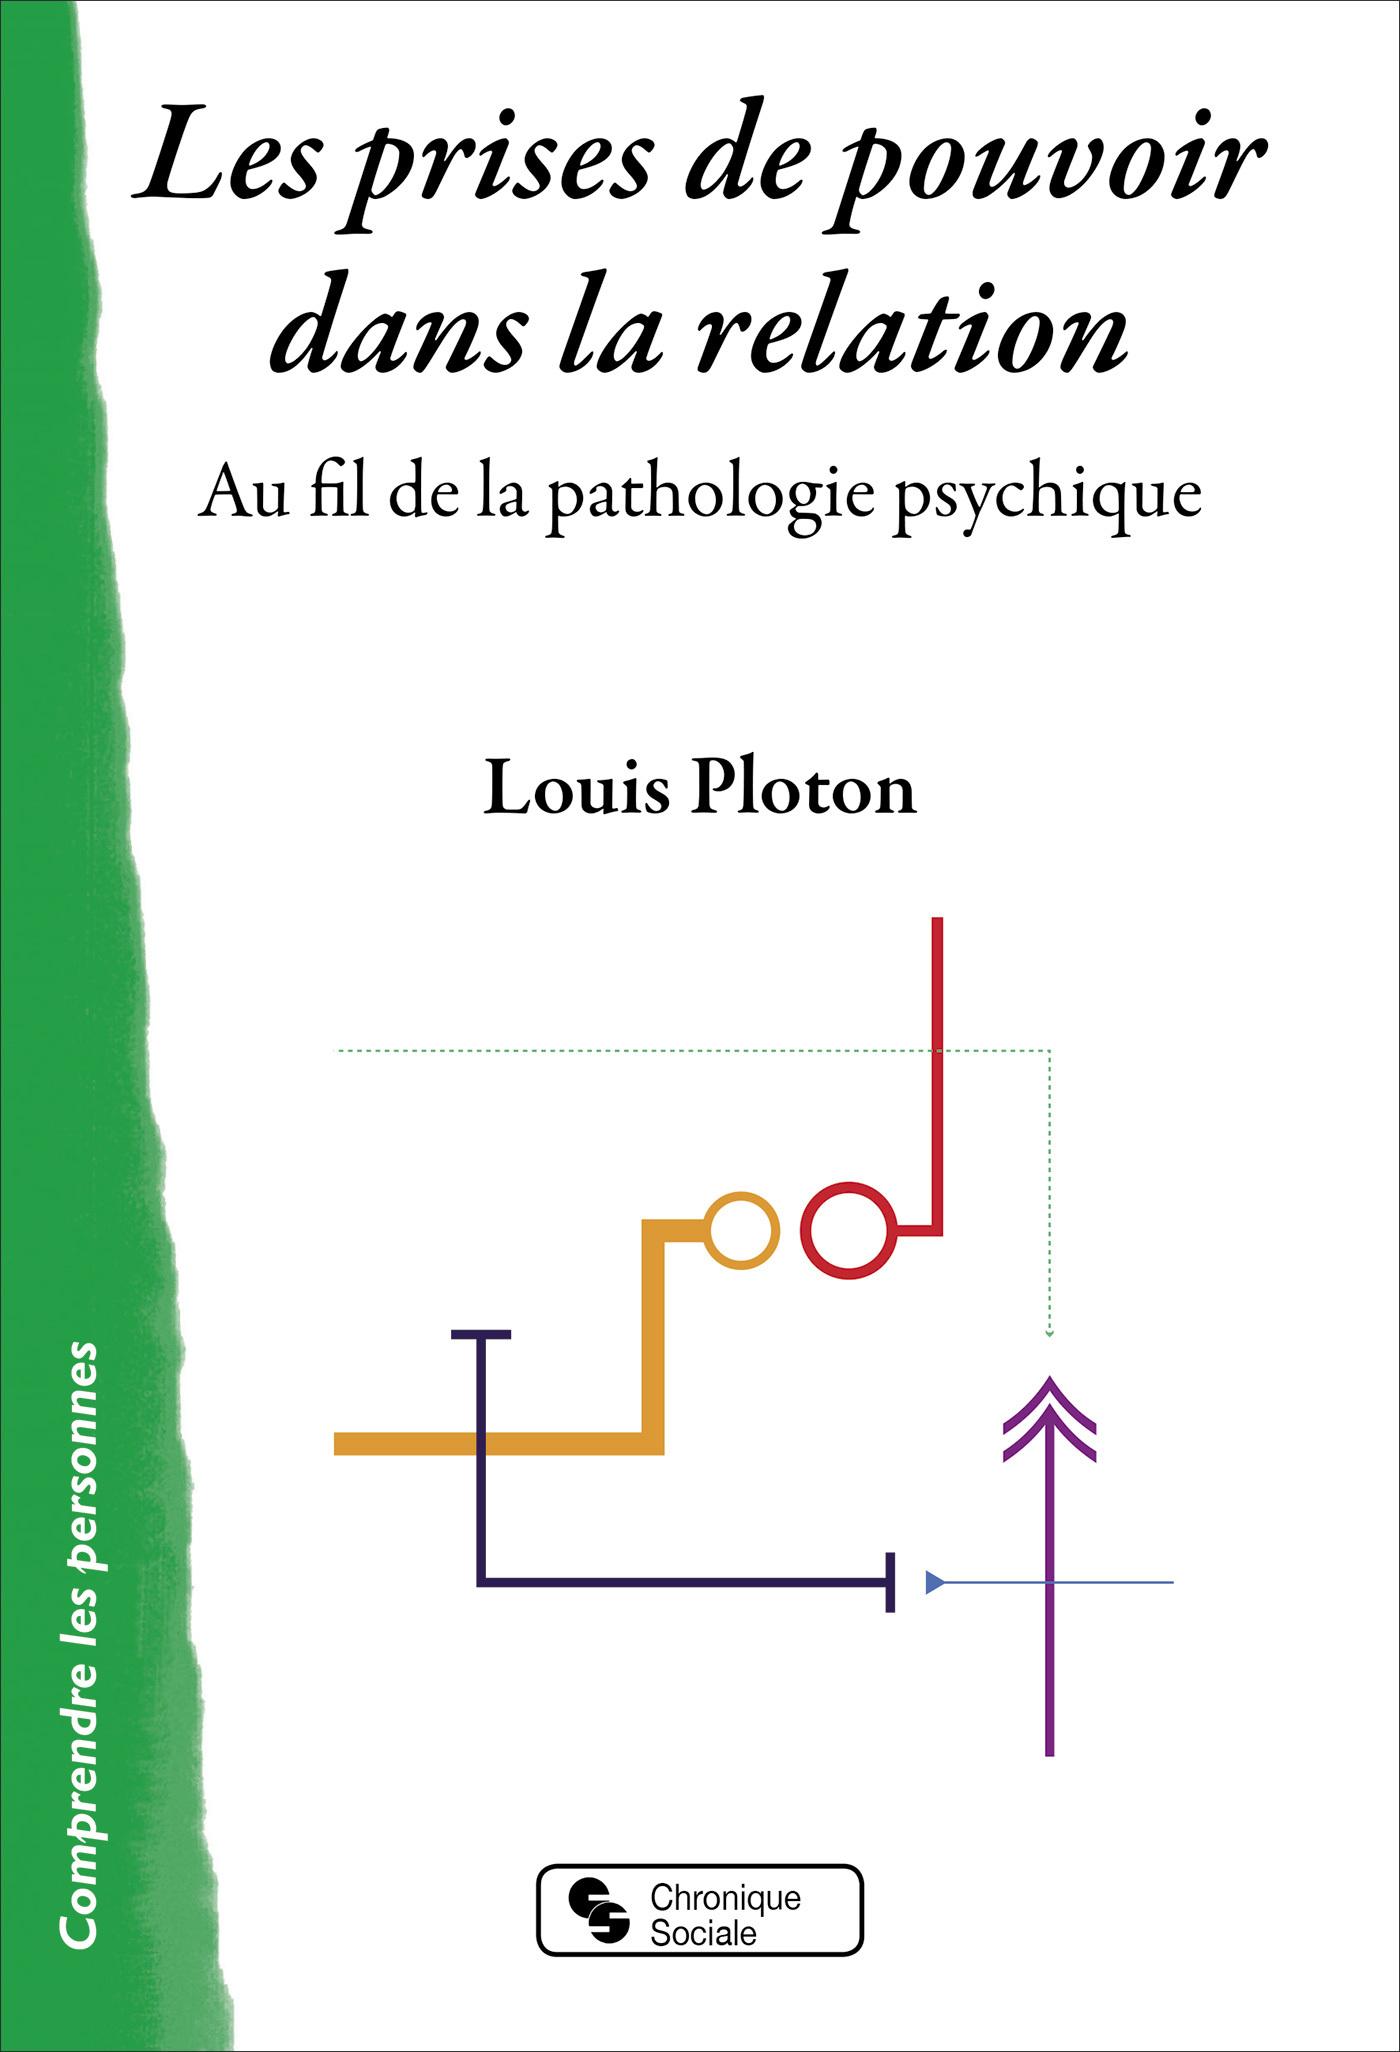 LES PRISES DE POUVOIR DANS LA RELATION - AU FIL DE LA PATHOLOGIE PSYCHIQUE